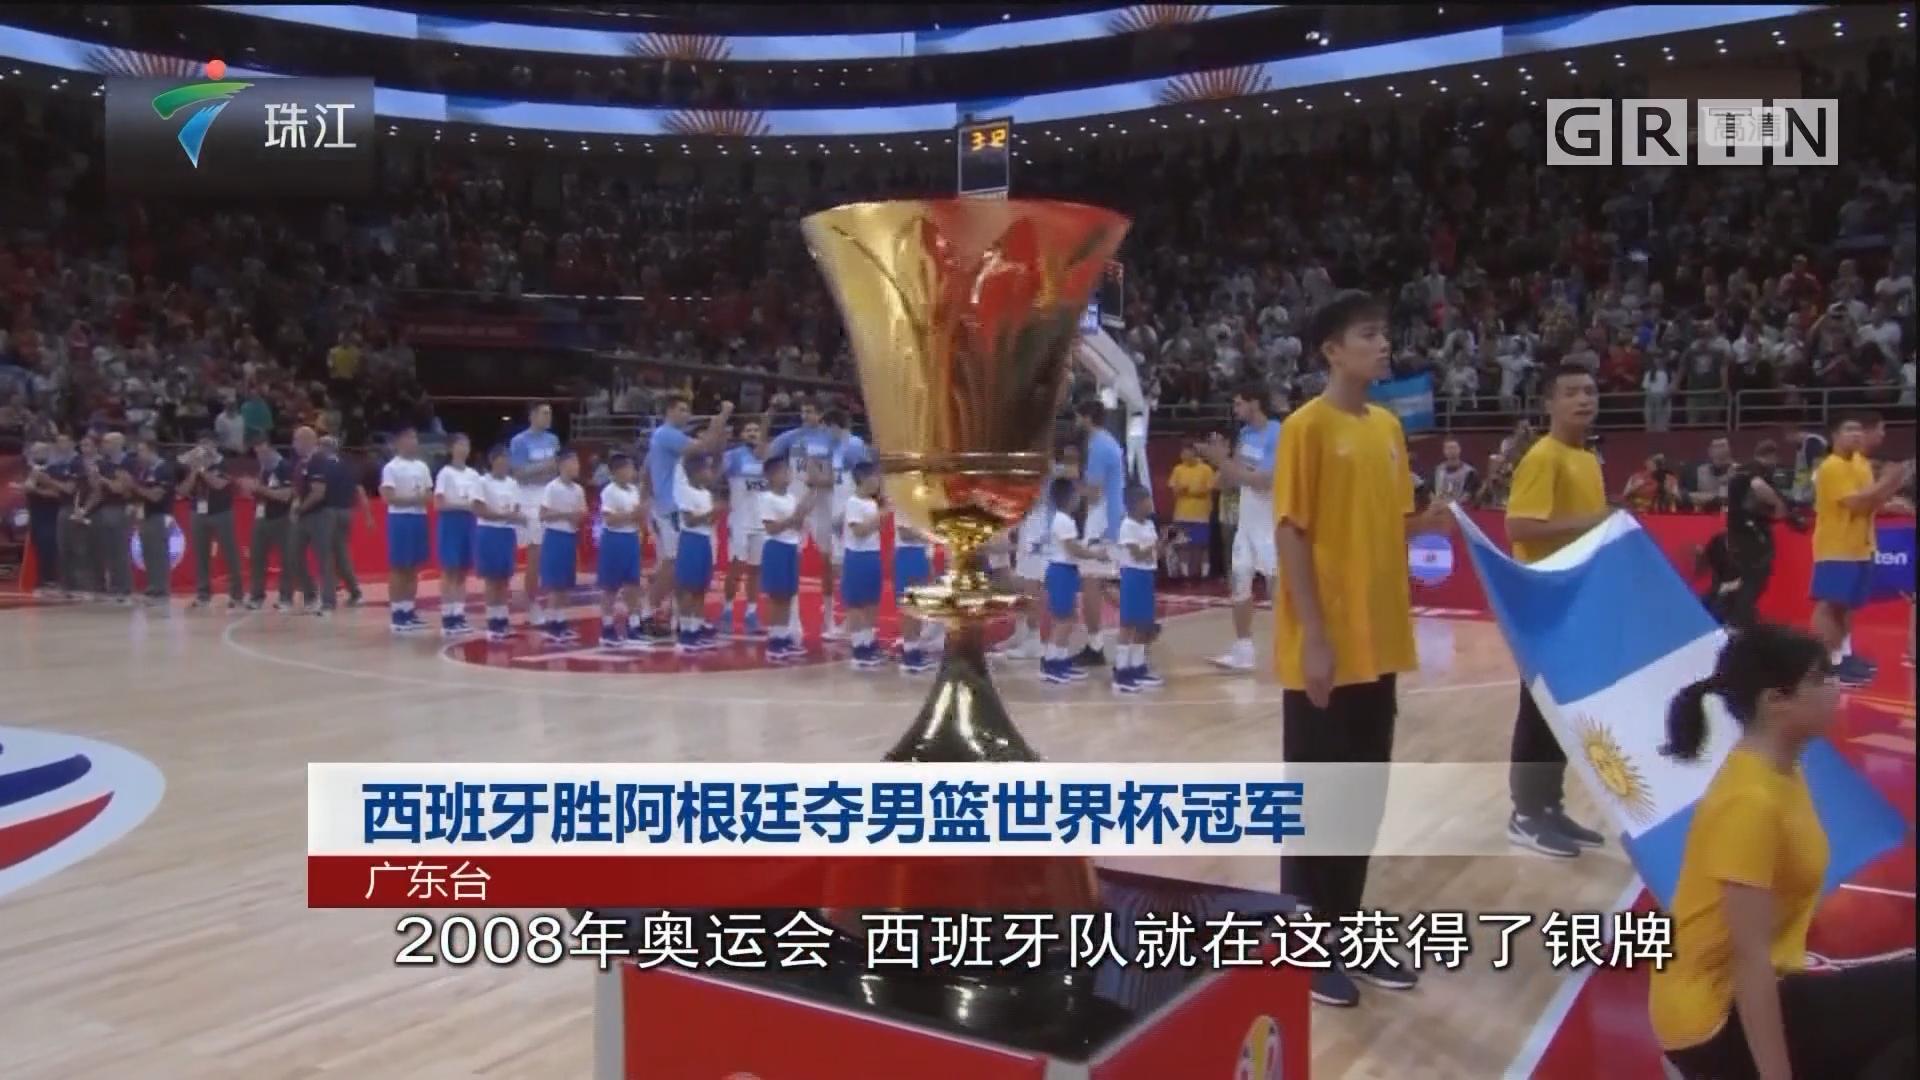 西班牙胜阿根廷夺男篮世界杯冠军